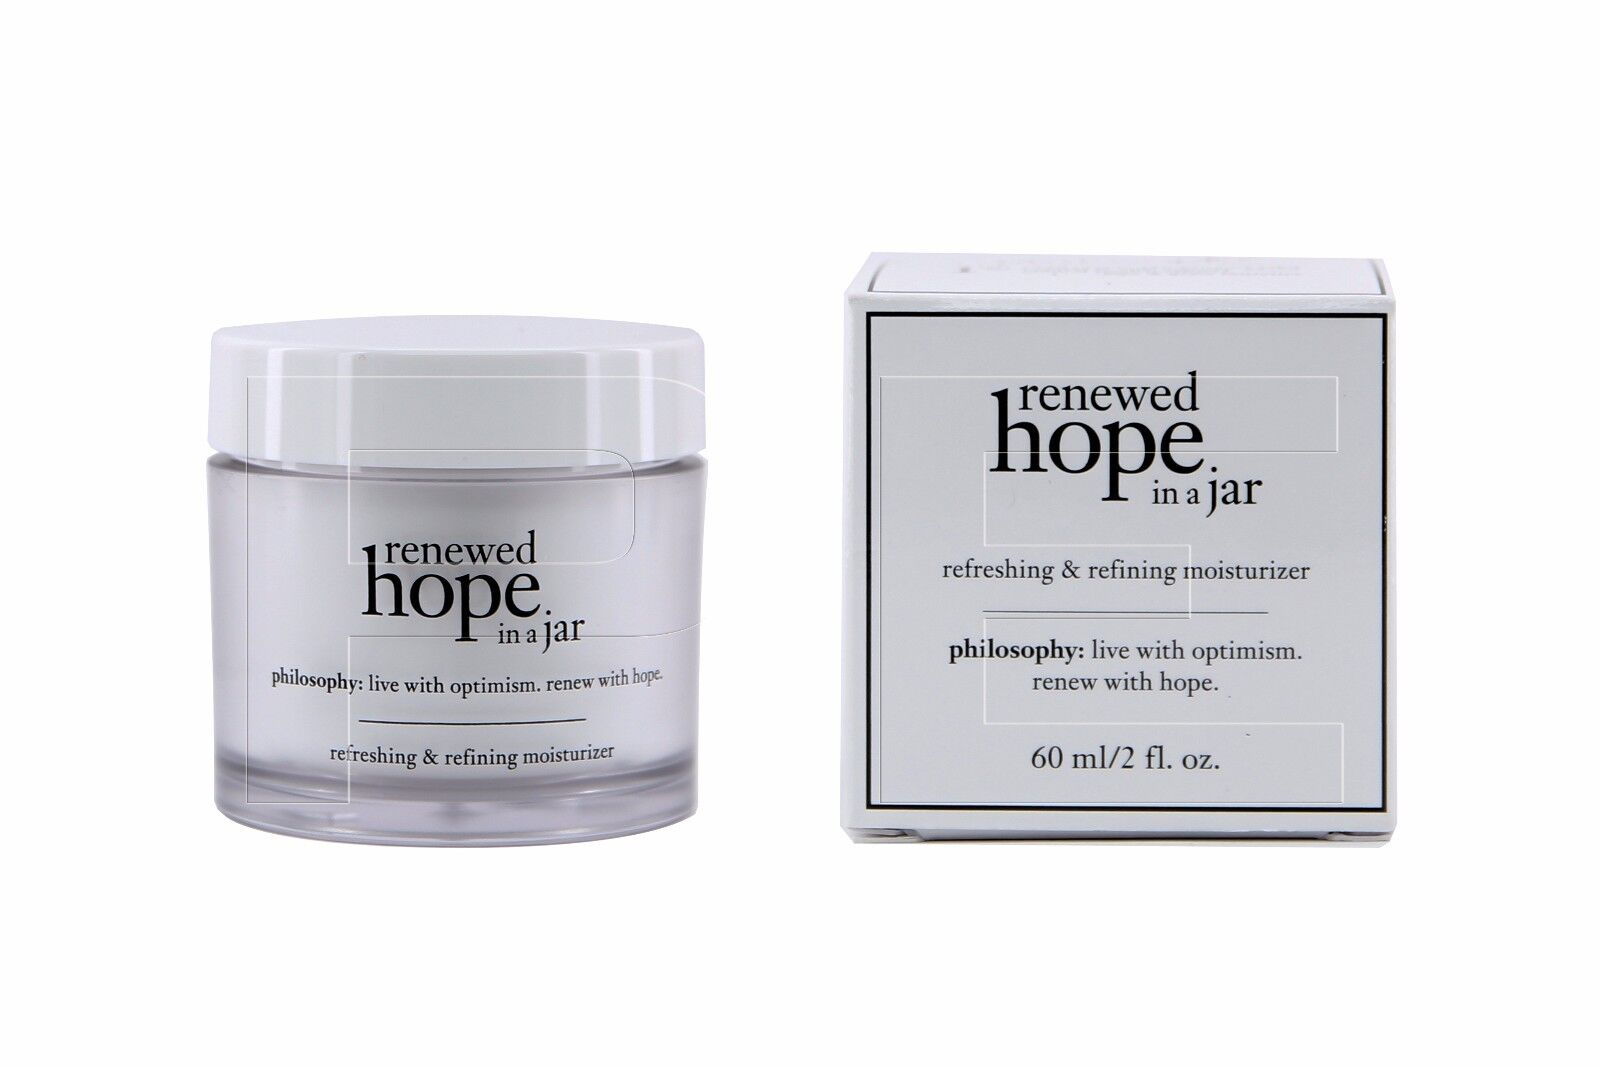 philosophy renewed hope in a jar, 2oz.